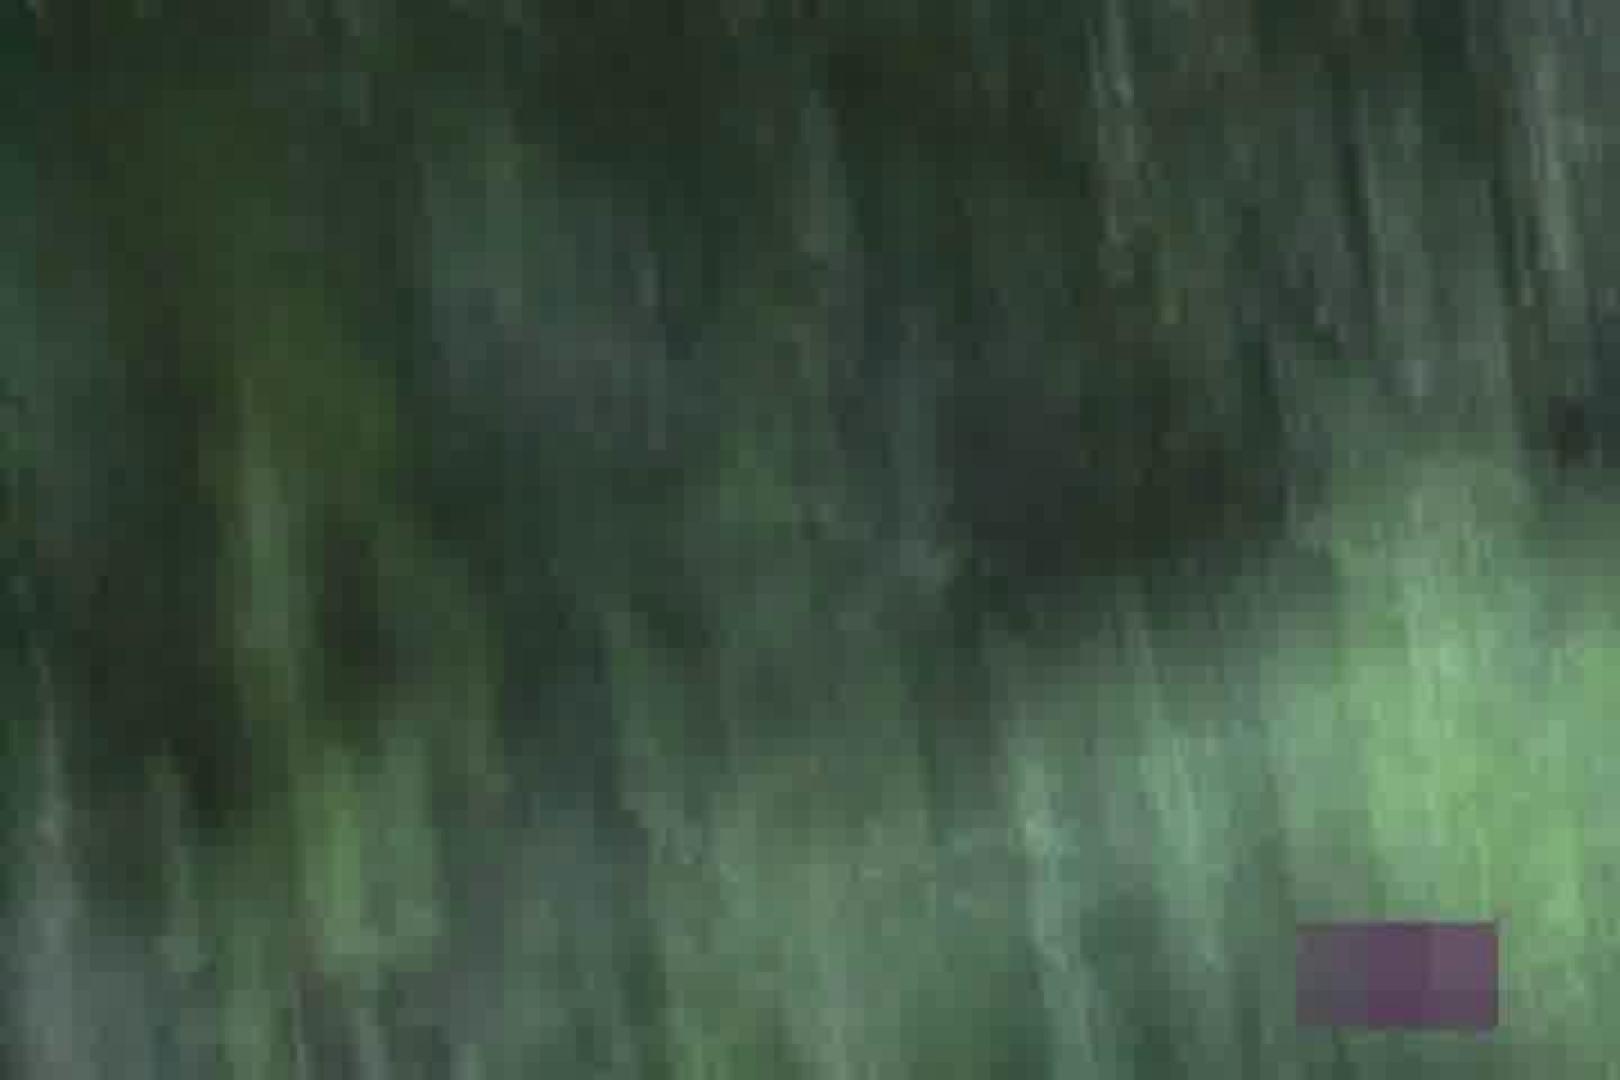 検証!隠し撮りスカートめくり!!Vol.1 股間   OLセックス  58画像 29